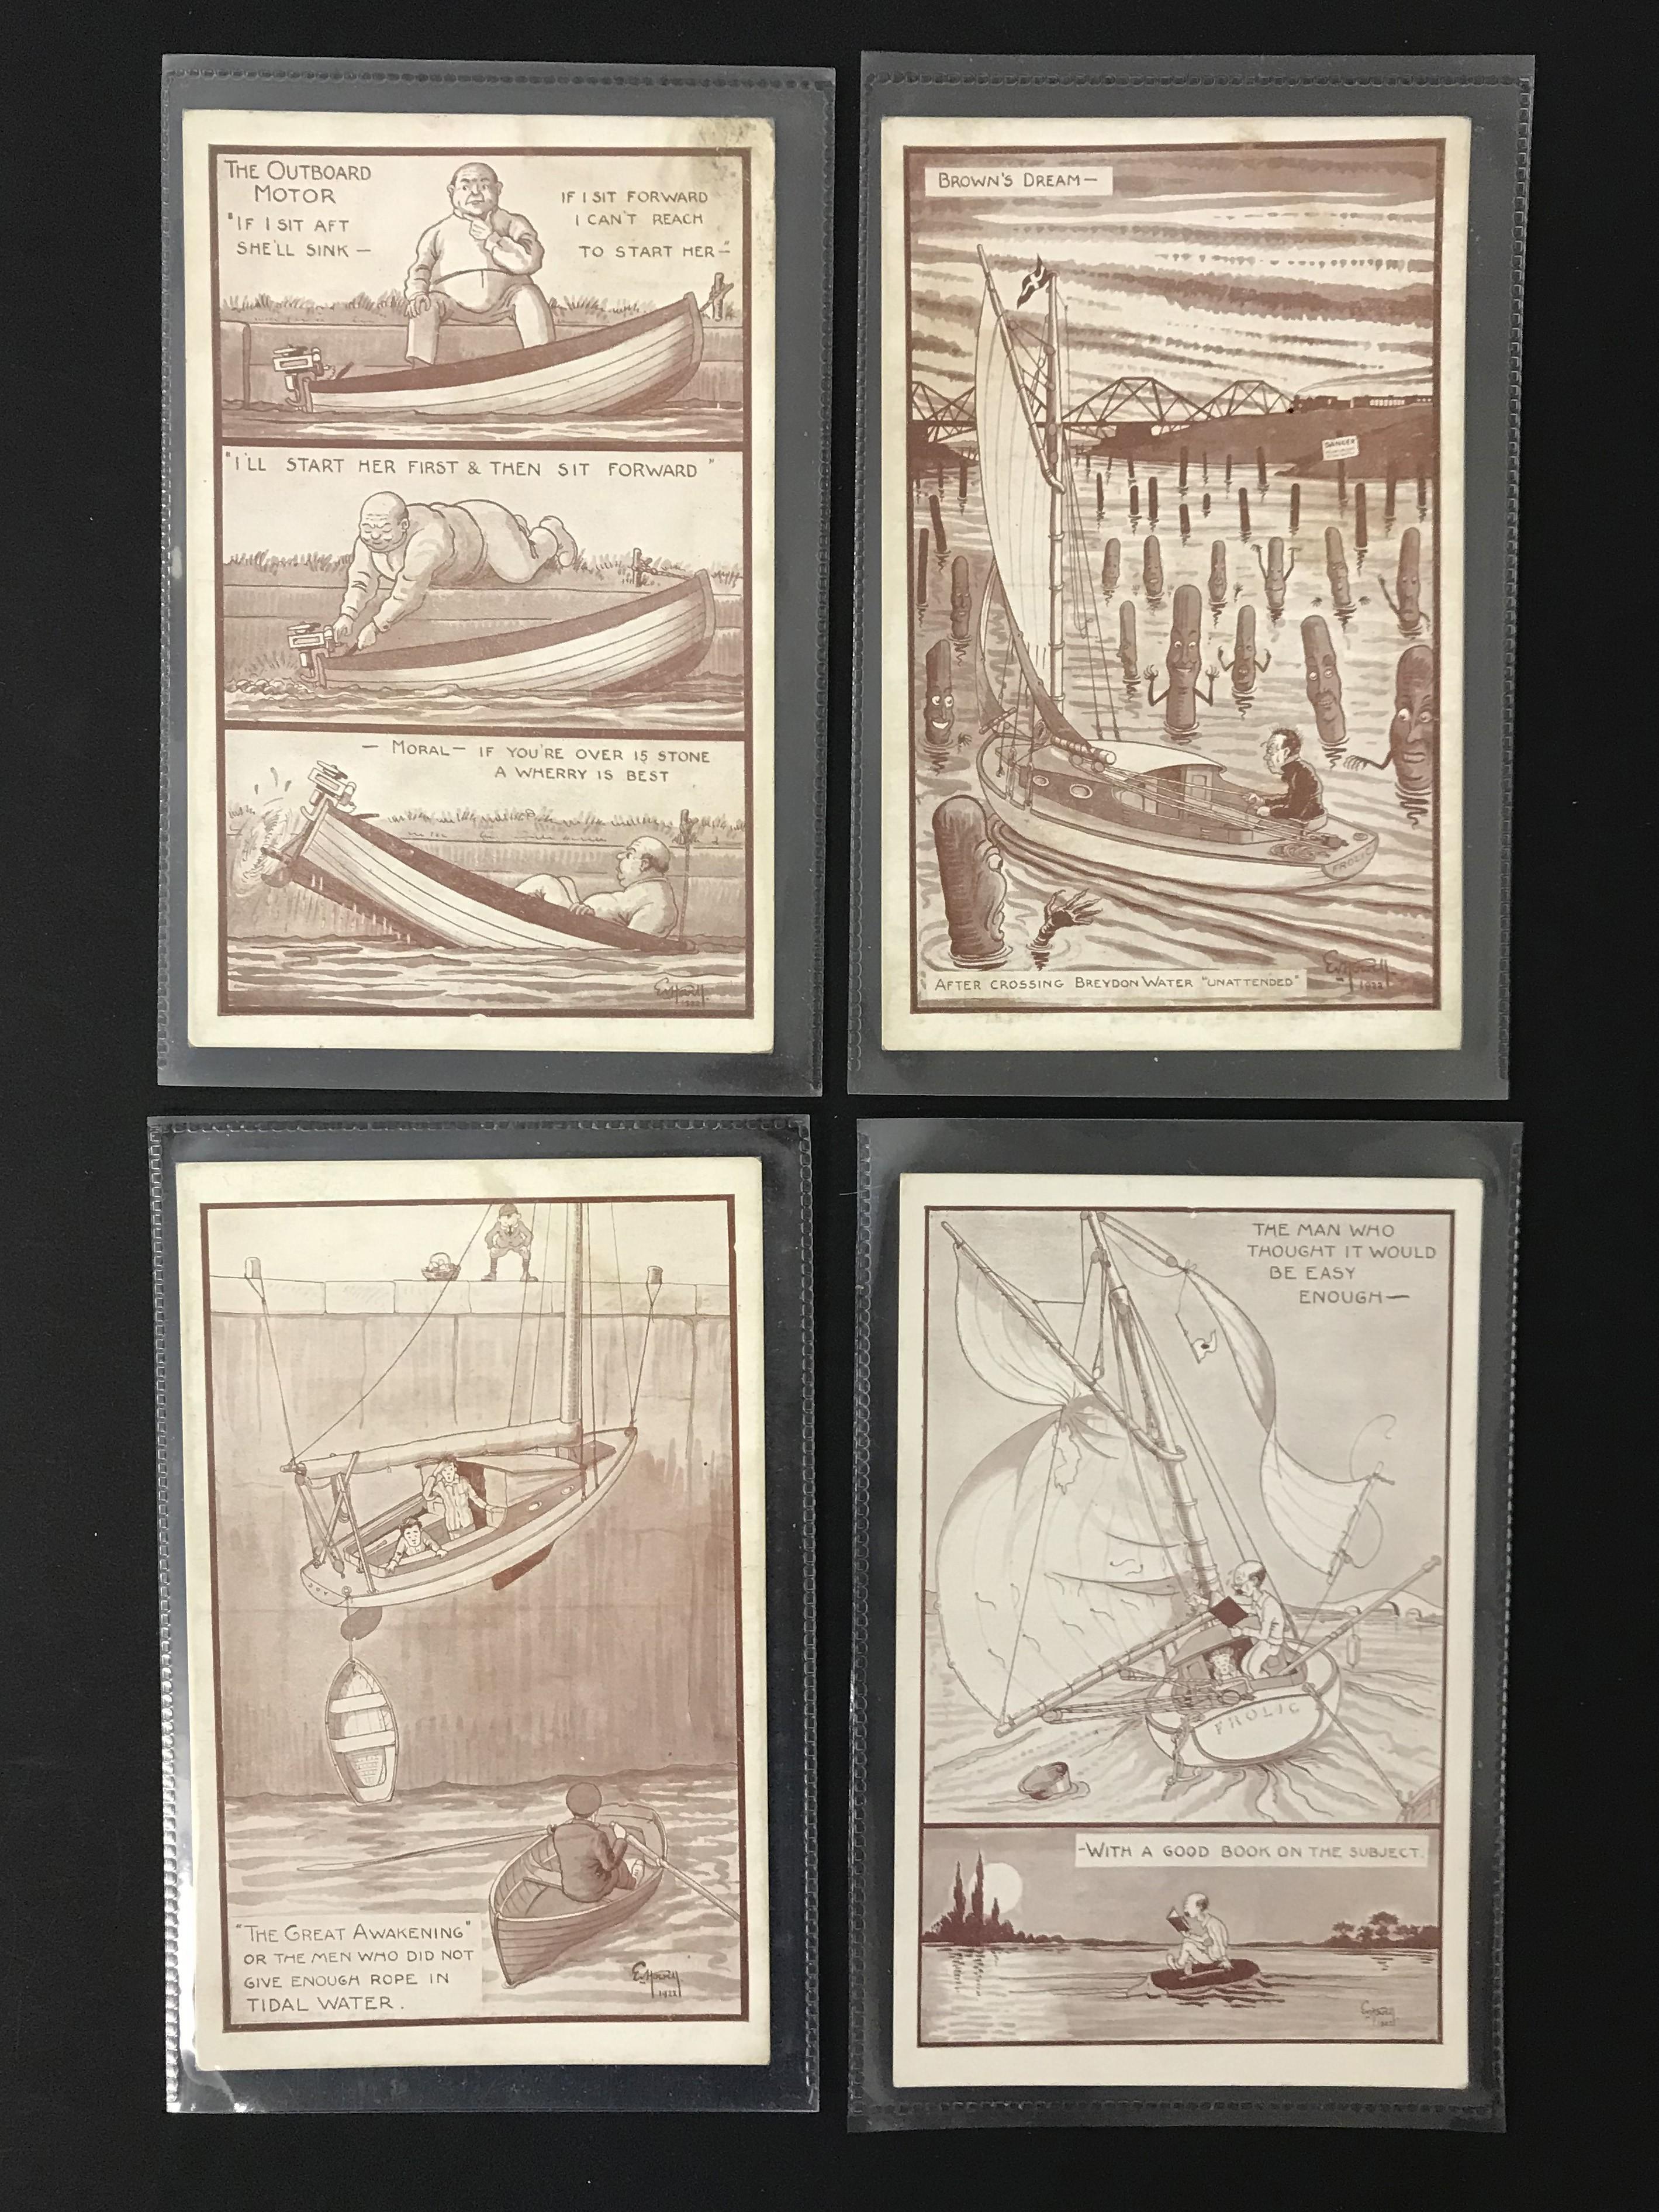 COMPLETE SET OF TWELVE ARTIST SIGNED COMIC POSTCARDS - NORFOLK BROADS - Image 2 of 4